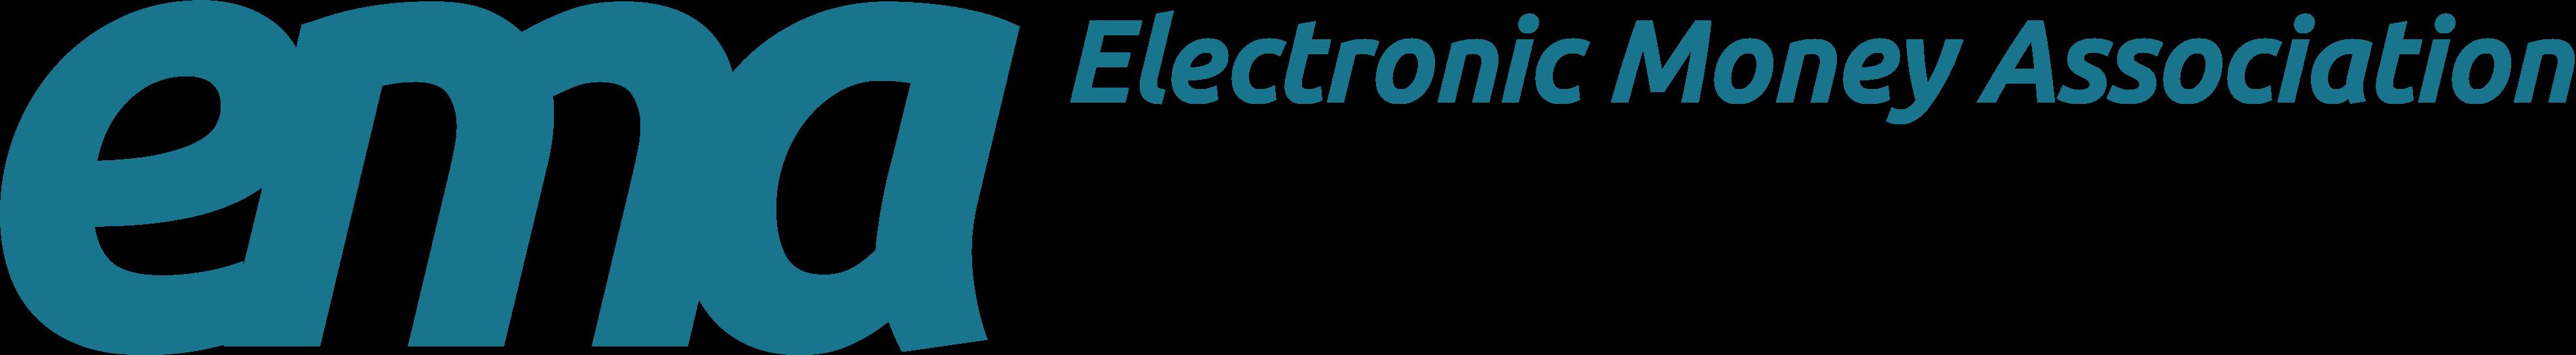 logo 1 (preferred)